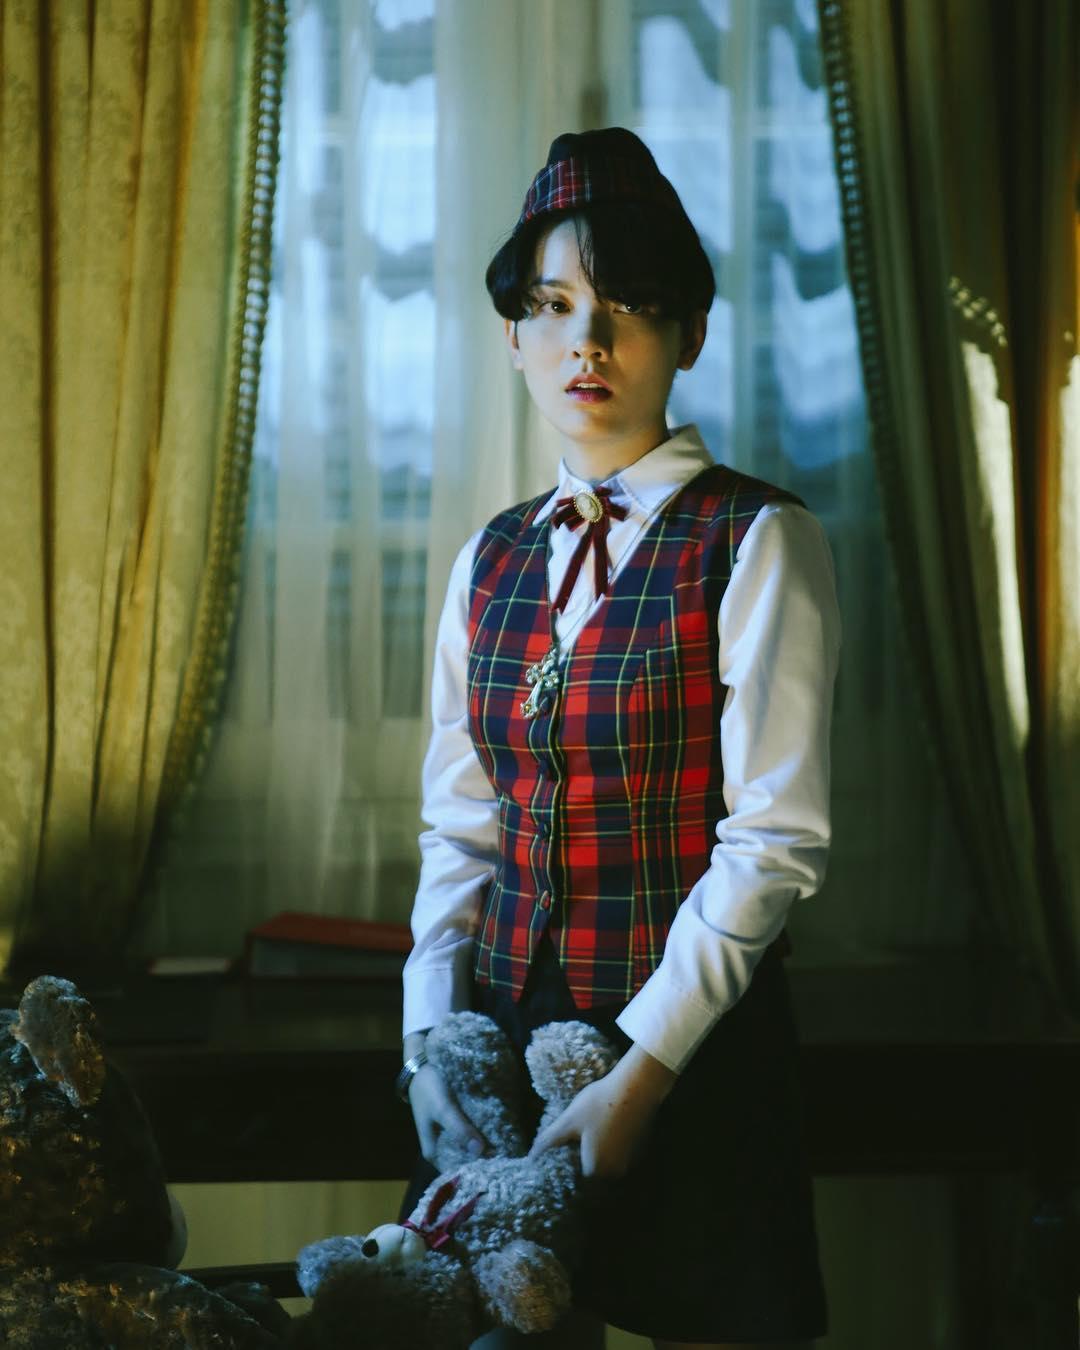 Khi các cô nàng tomboy đóng MV V-pop: Từ đẹp trai hút hồn đến gây bất ngờ vì nữ tính - Hình 5